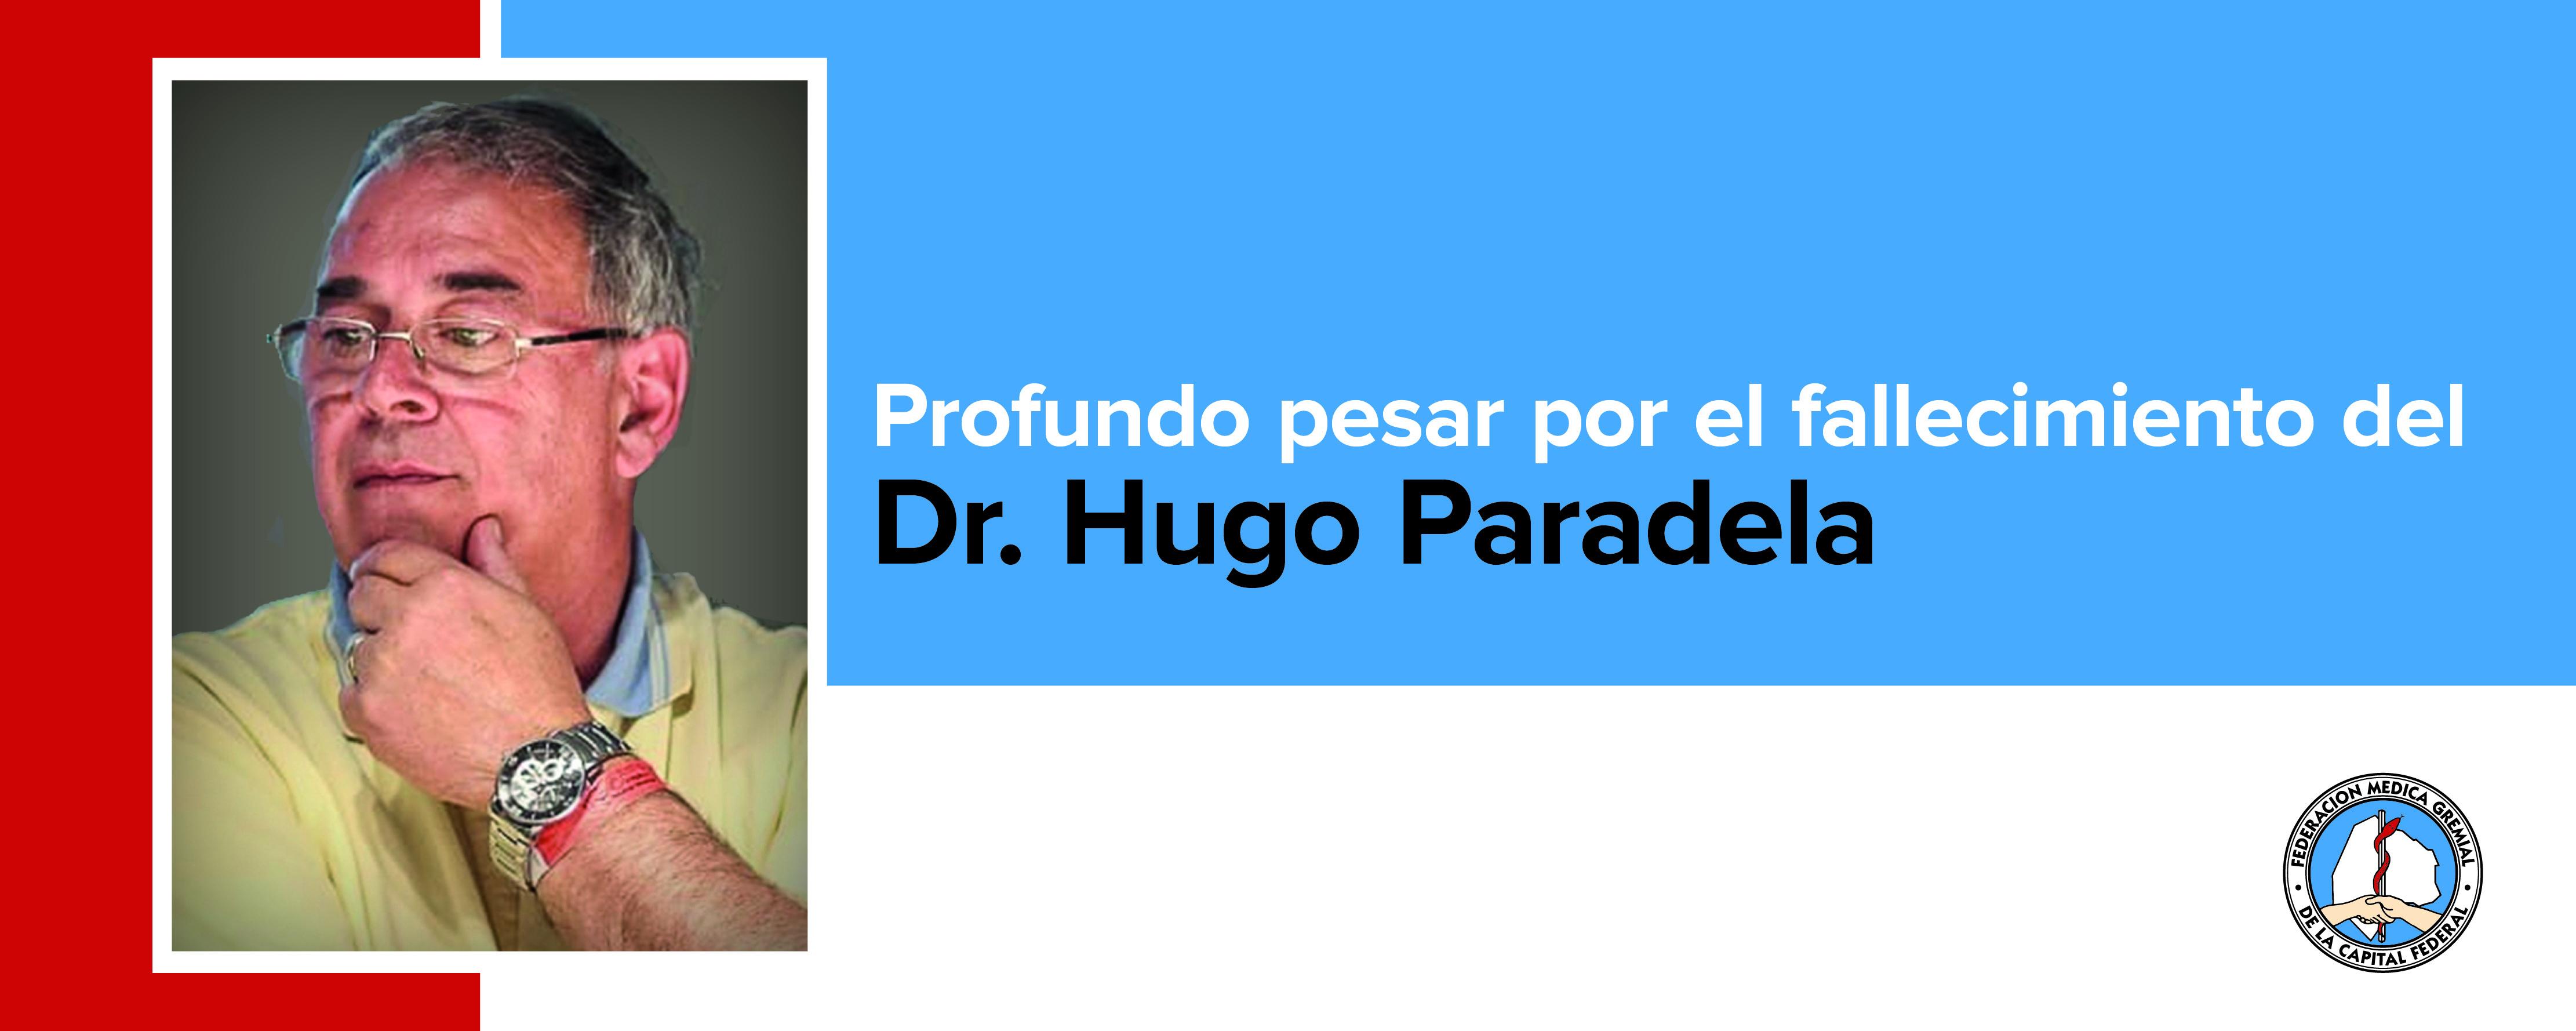 Fallecimiento del Dr. Hugo Paradela